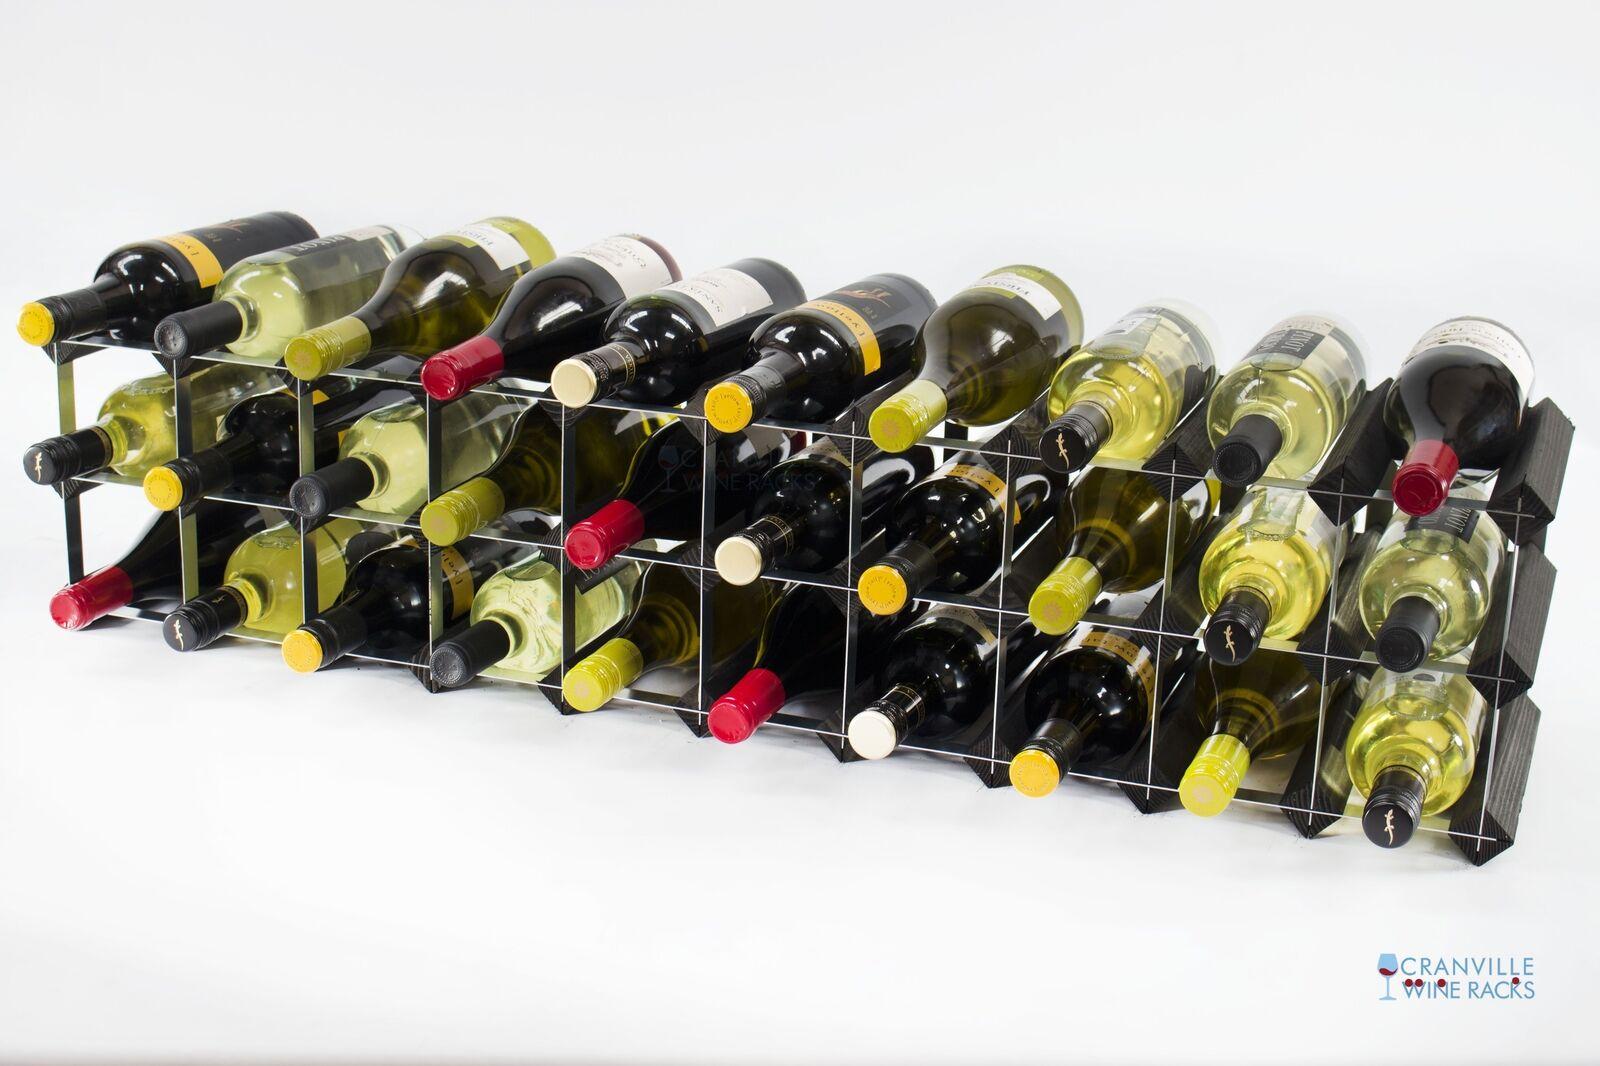 Cranville Wein Regal Aufbewahrung 20 30 Flasche Schwarz Holz und Metall | Neue Produkte im Jahr 2019